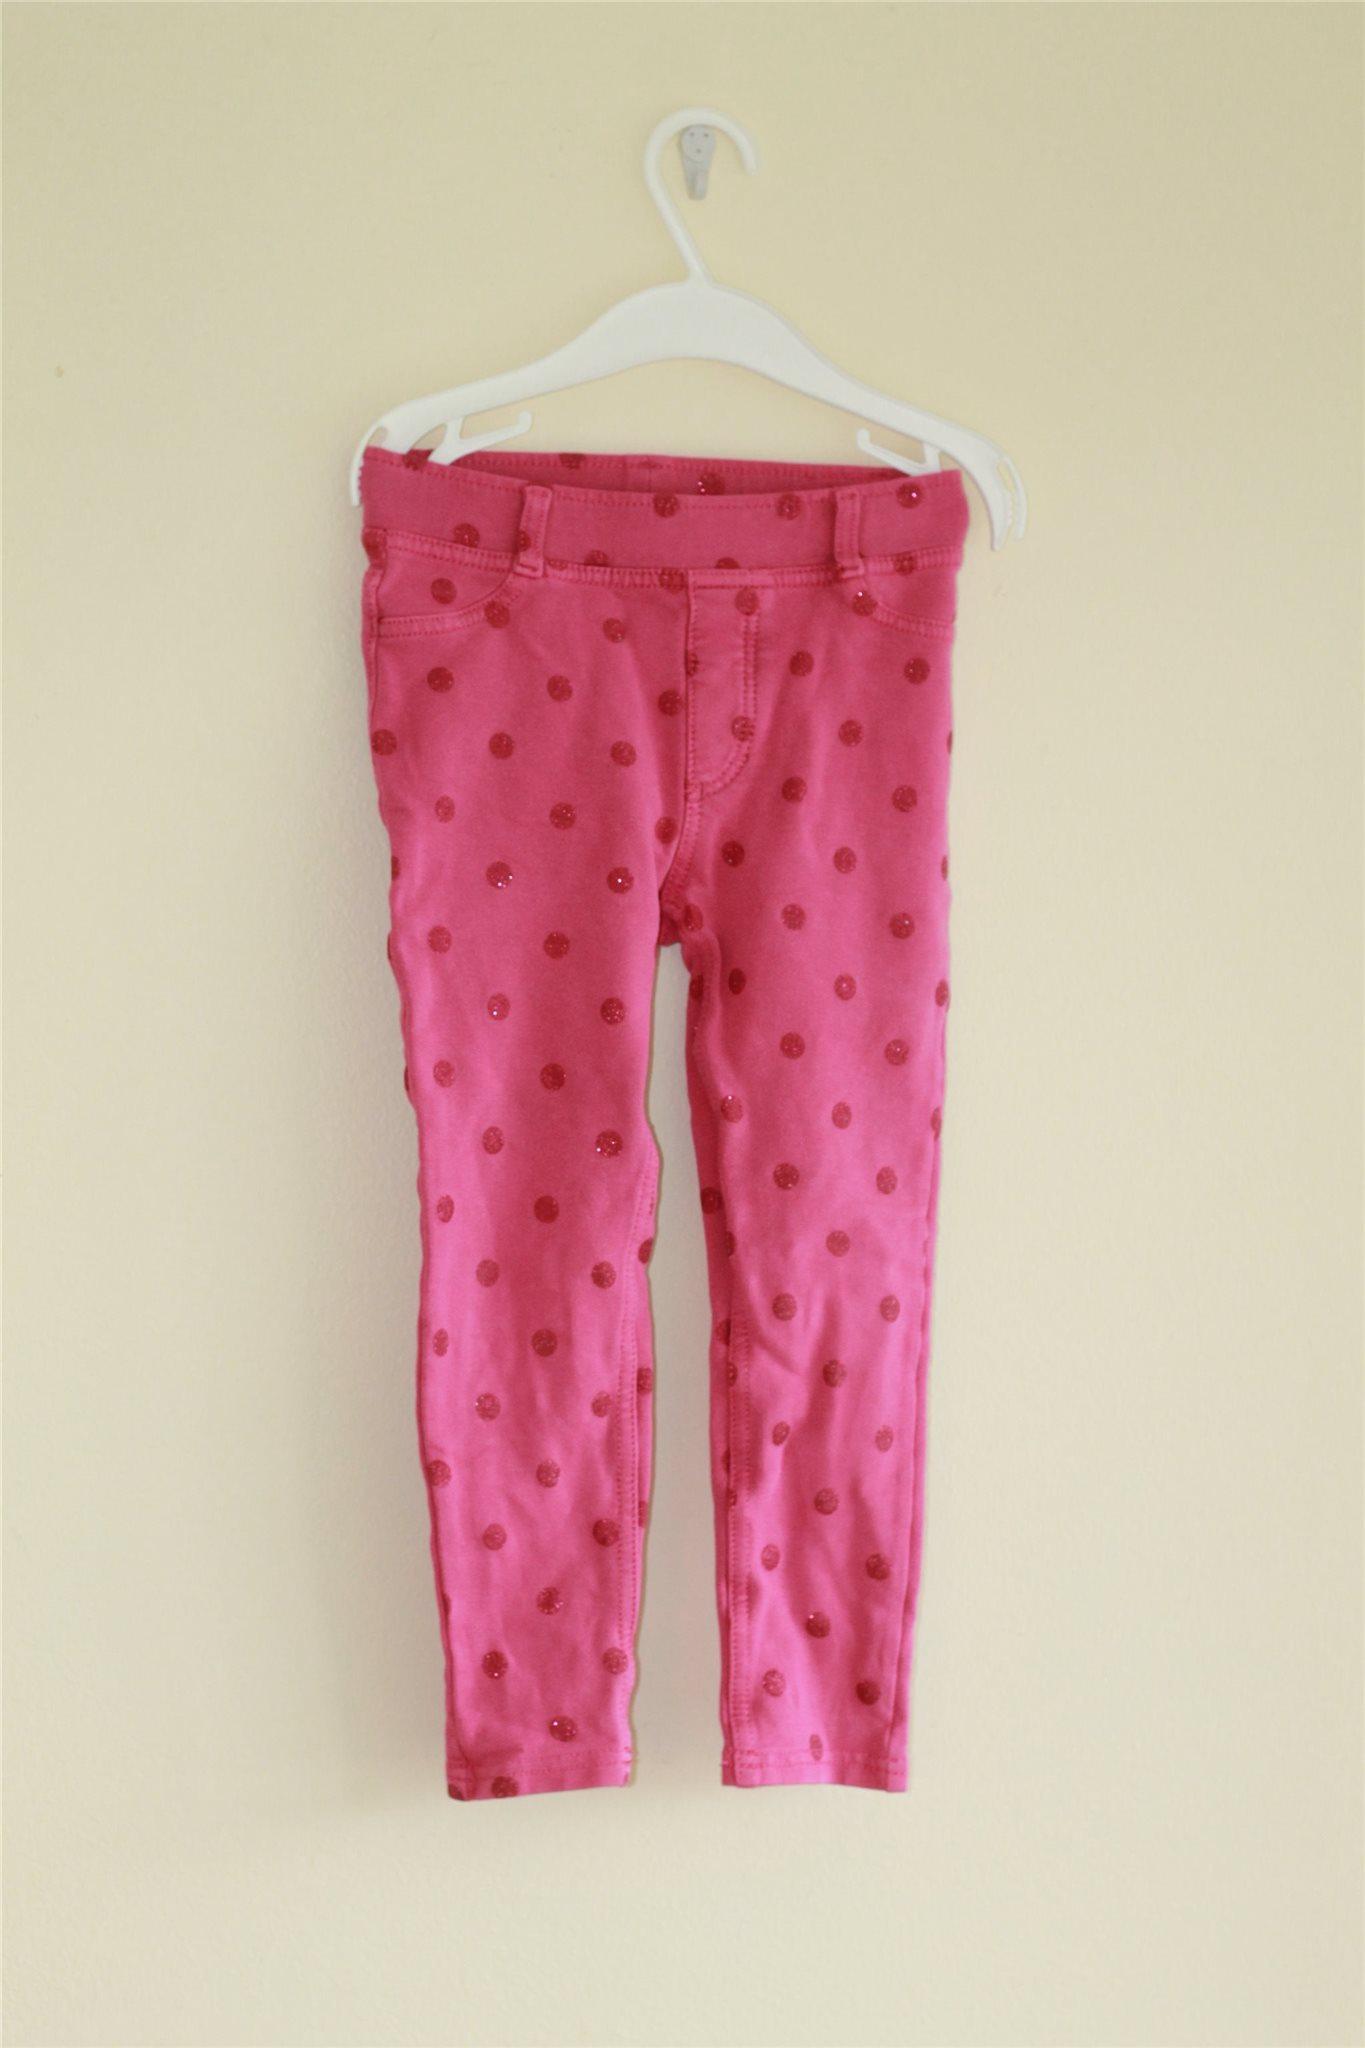 Rosa strechbyxor med mörk rosa prickar - H M - .. (337306696) ᐈ Köp ... 31876d422893b